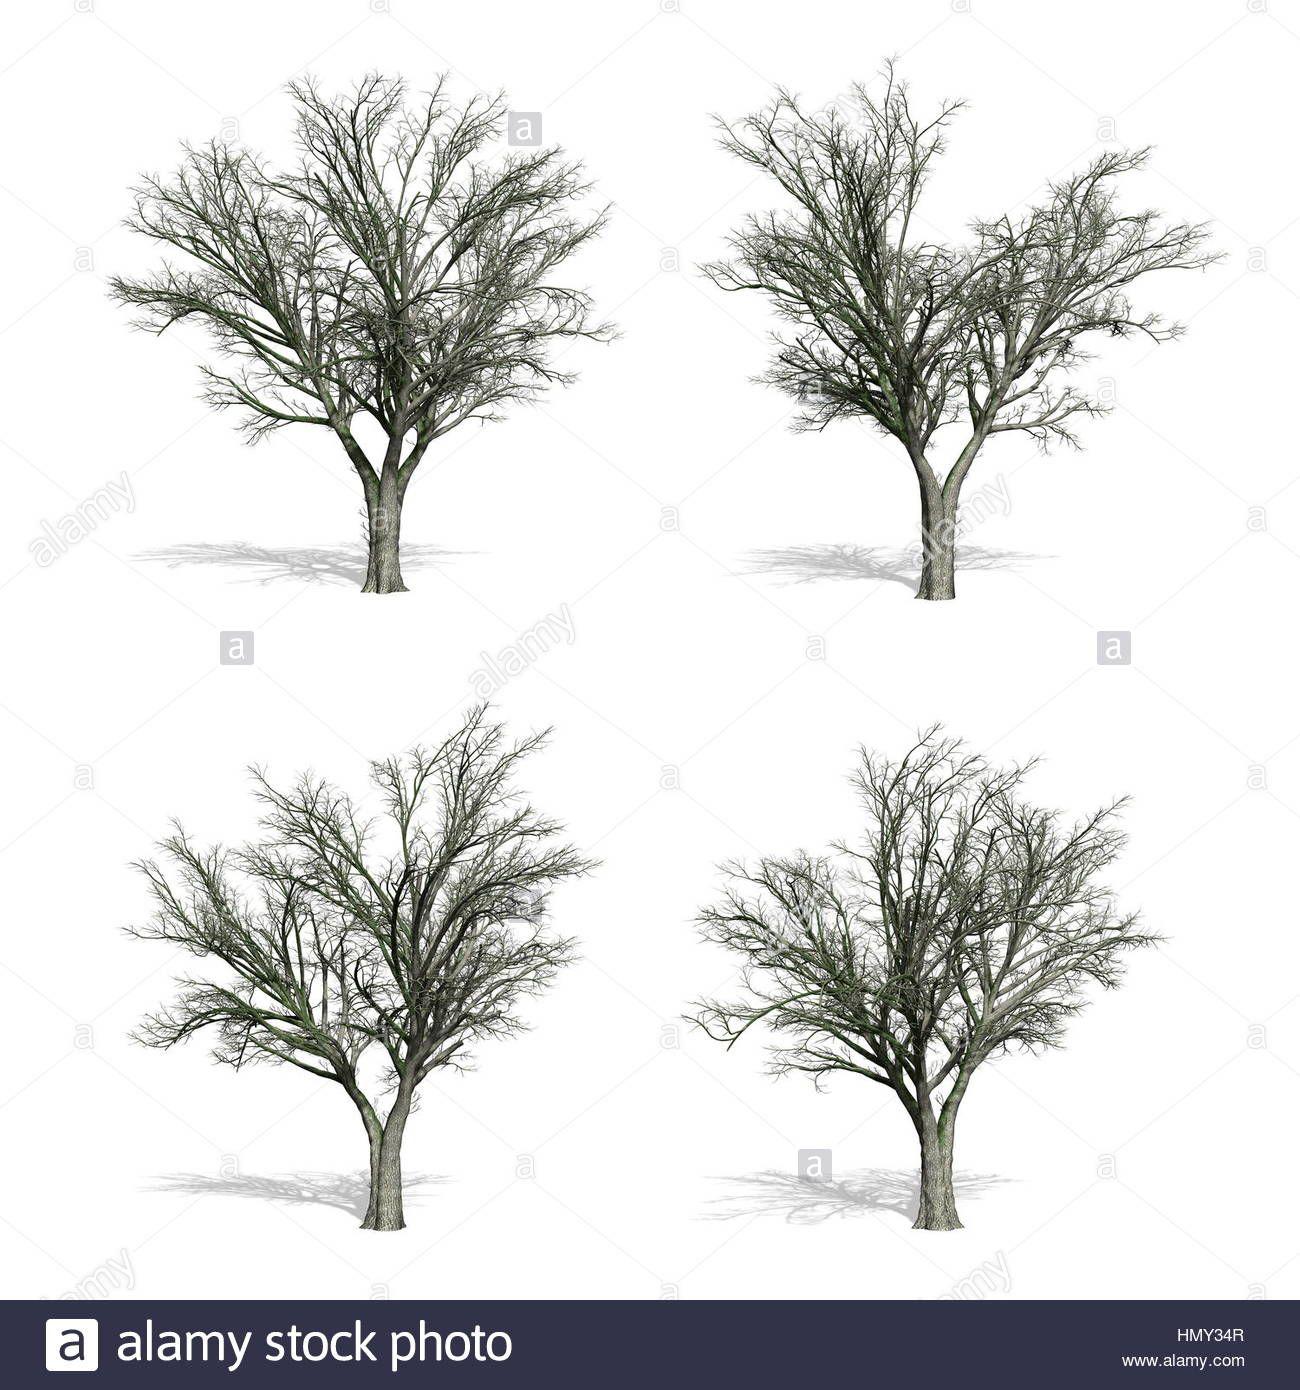 Elm fák abf7687688